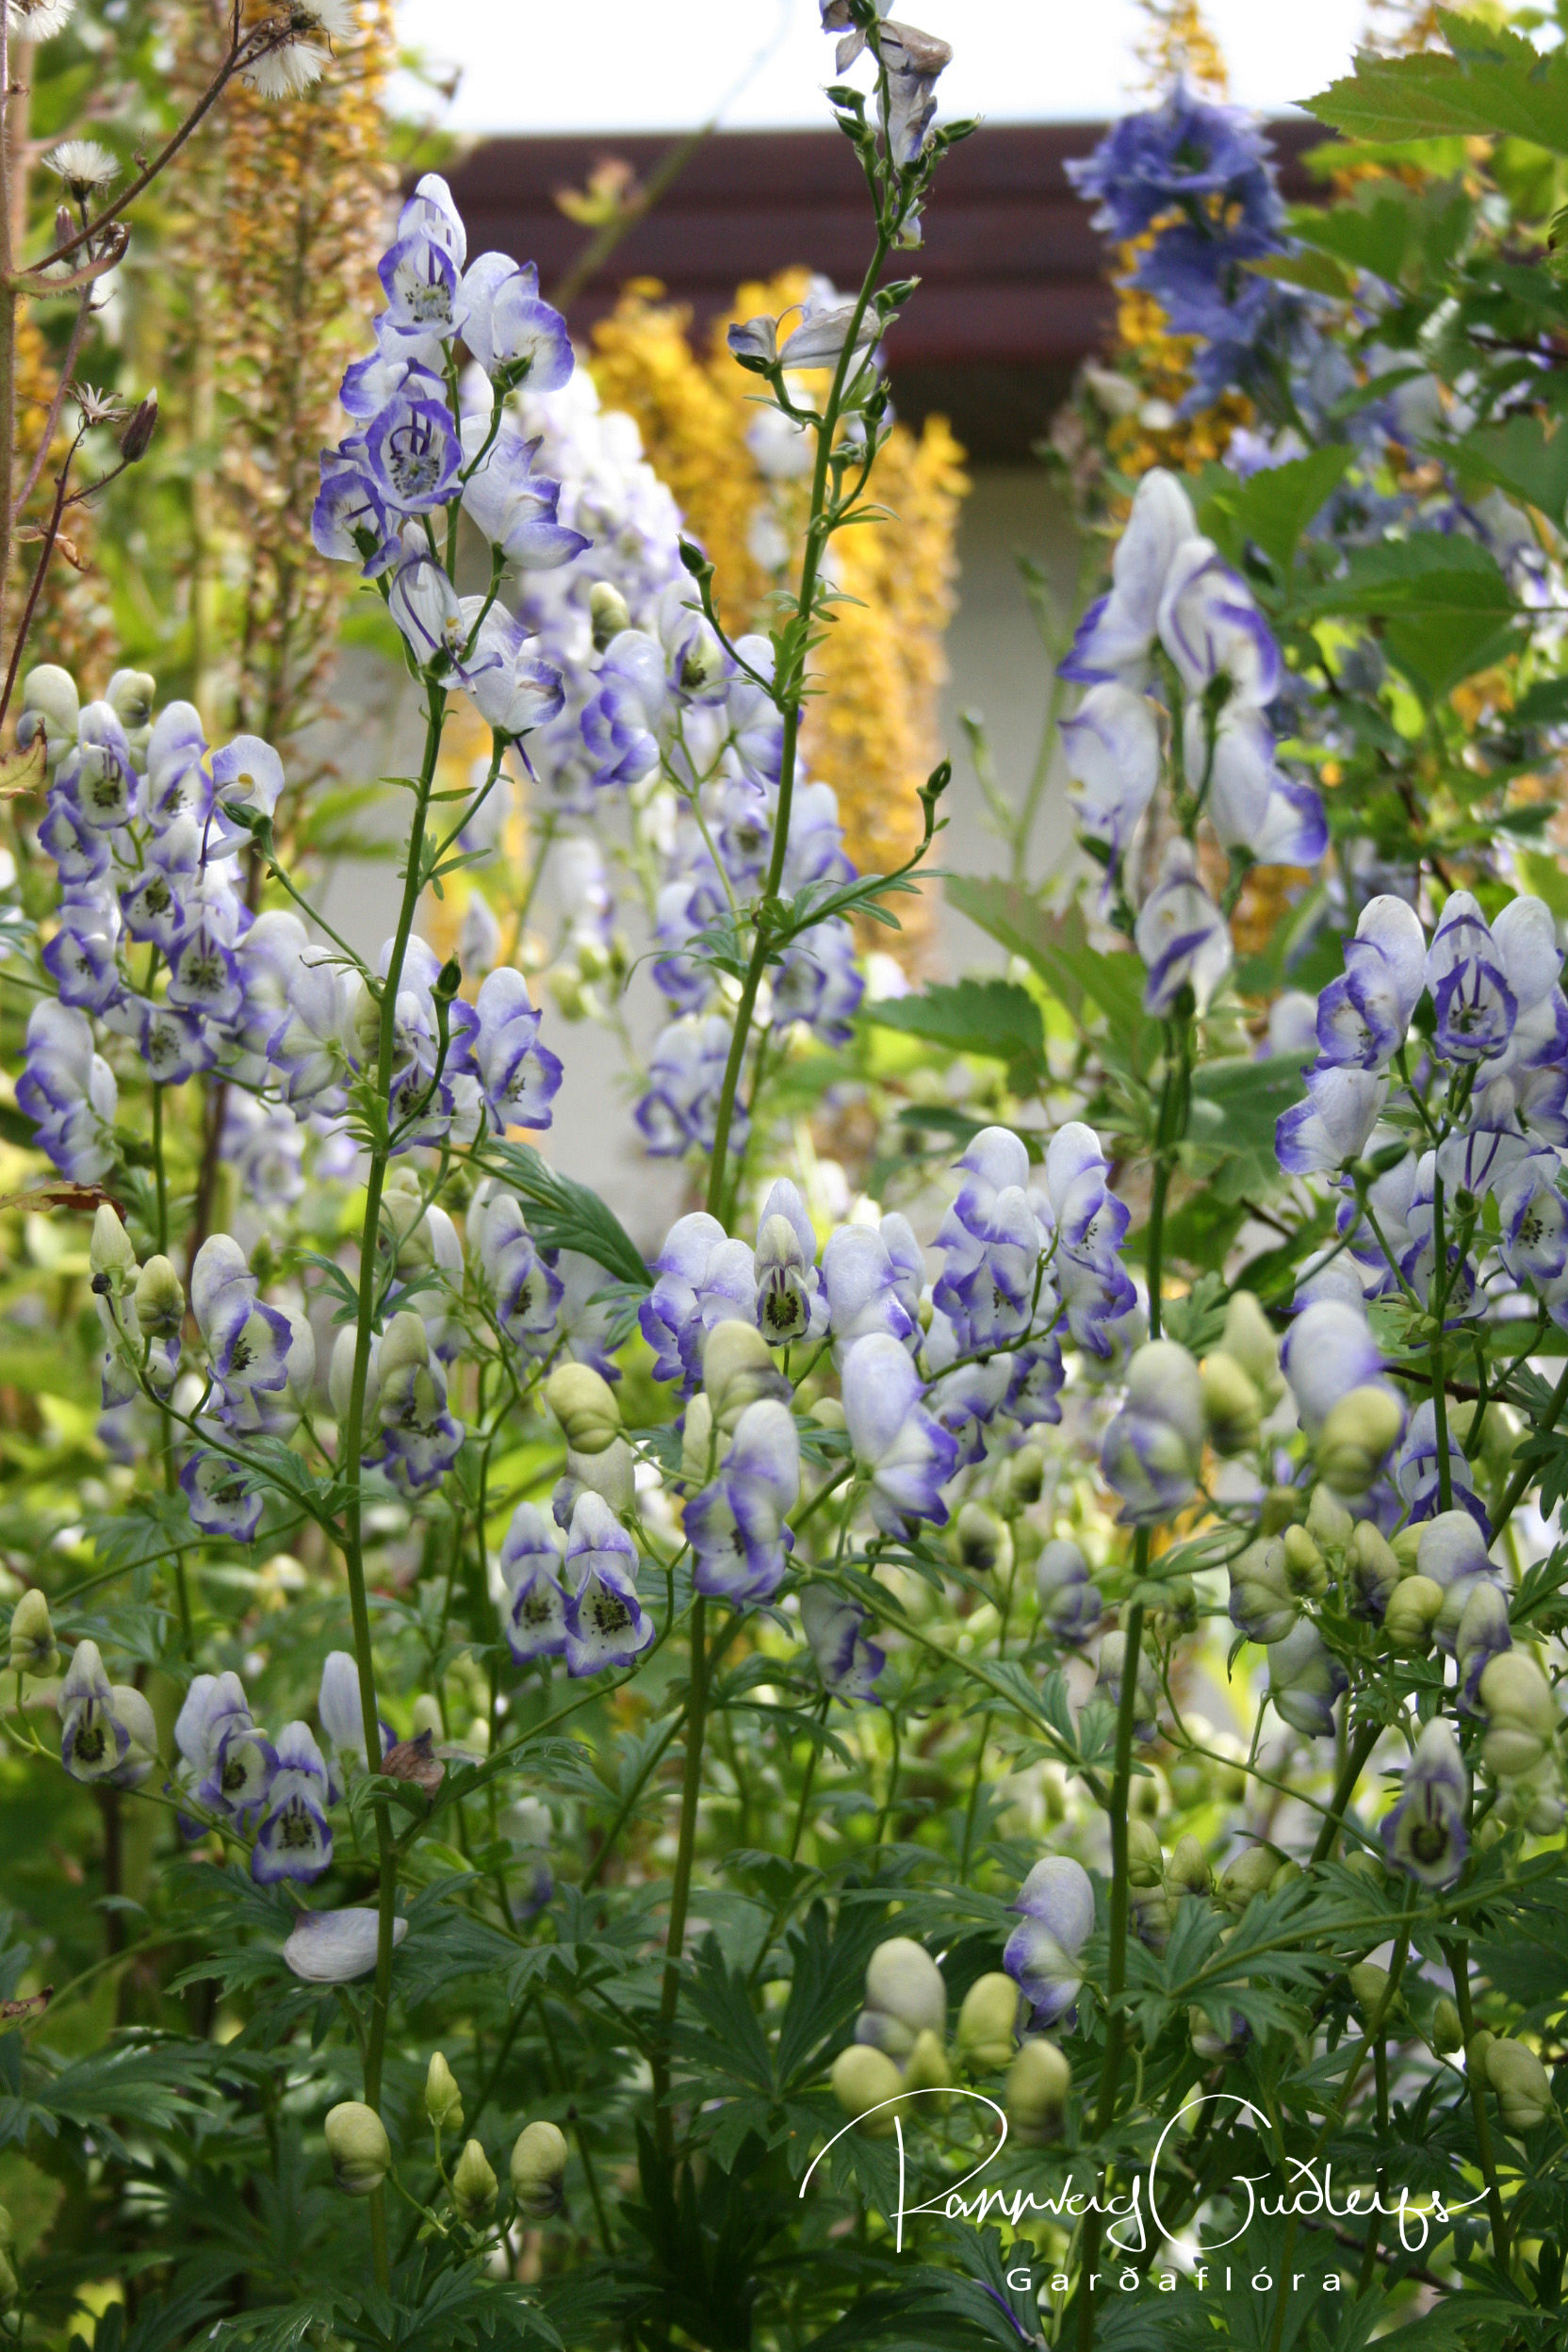 Aconitum x cammarum 'Bicolor'